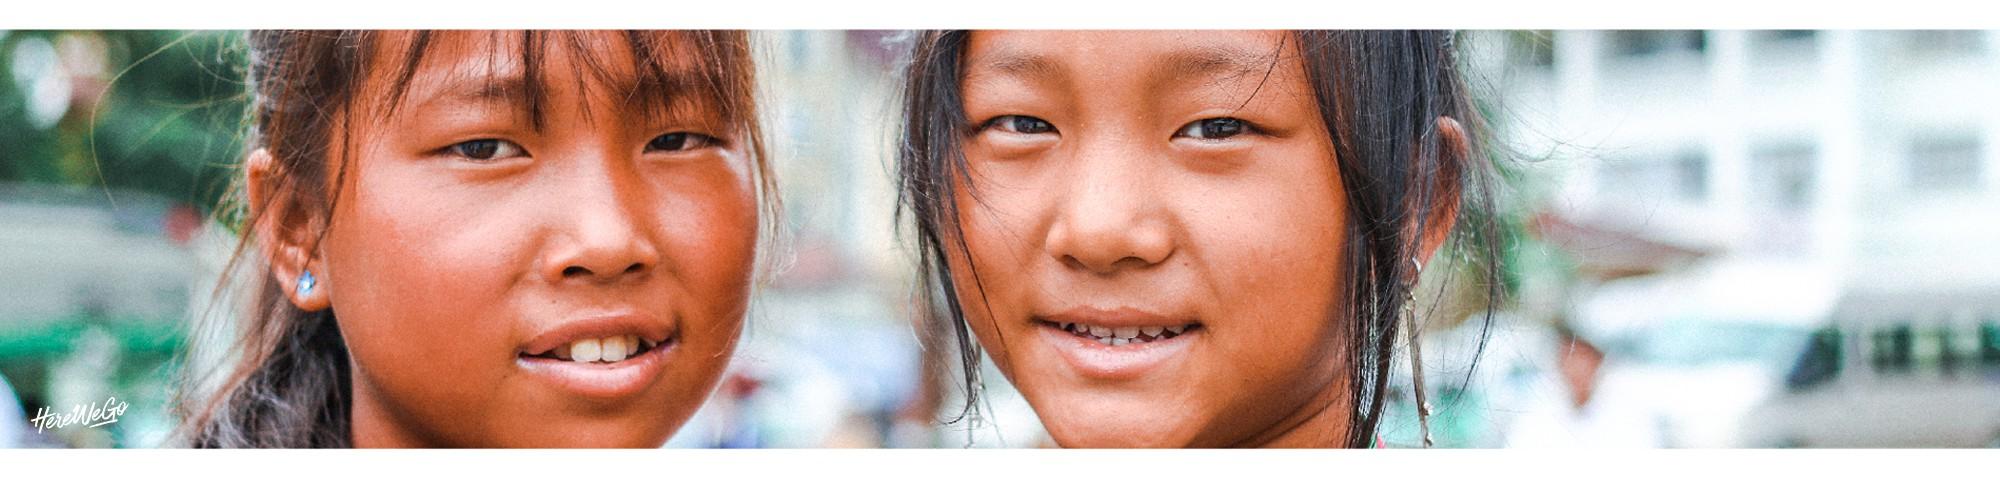 Hành trình Tây Bắc: Nhắm mắt lại, để cảm nhận nhiều hơn niềm hạnh phúc ở Tây Bắc - Ảnh 16.